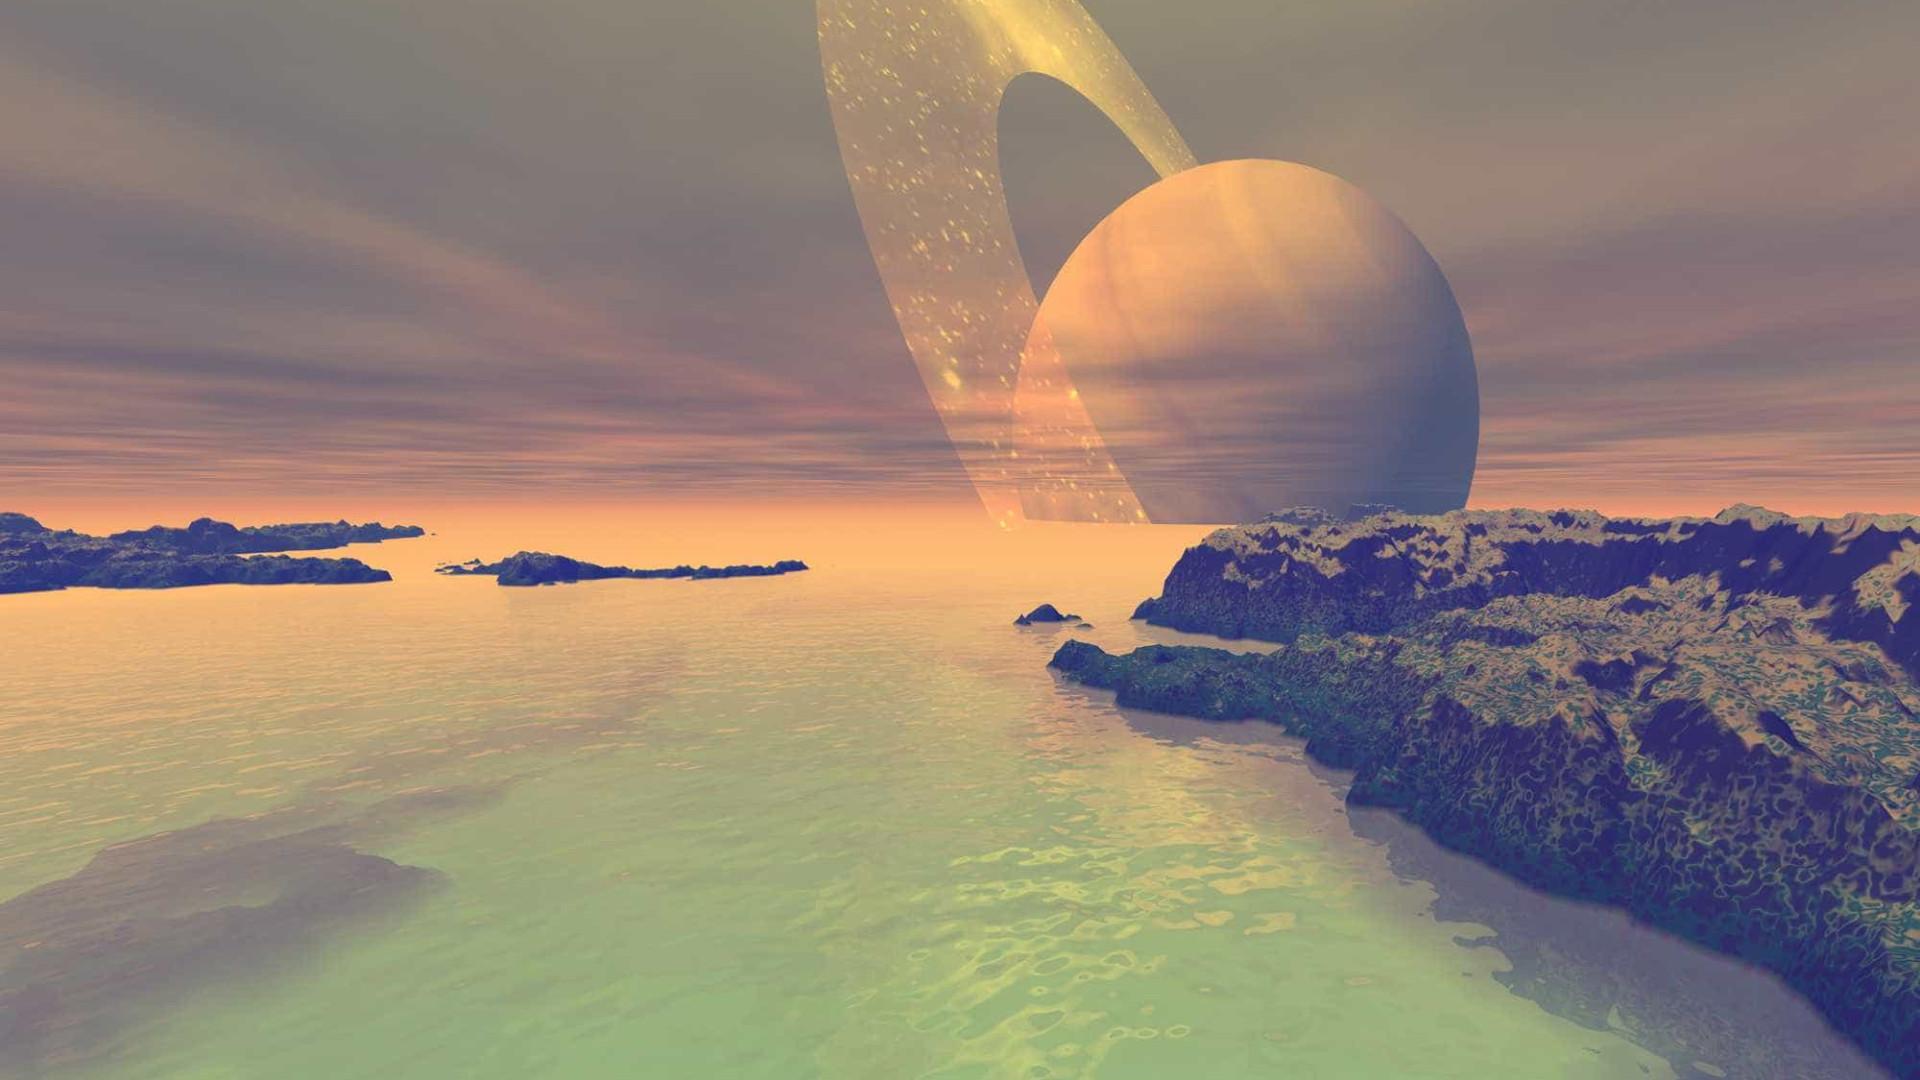 Lua de Saturno é candidata a receber colónia humana